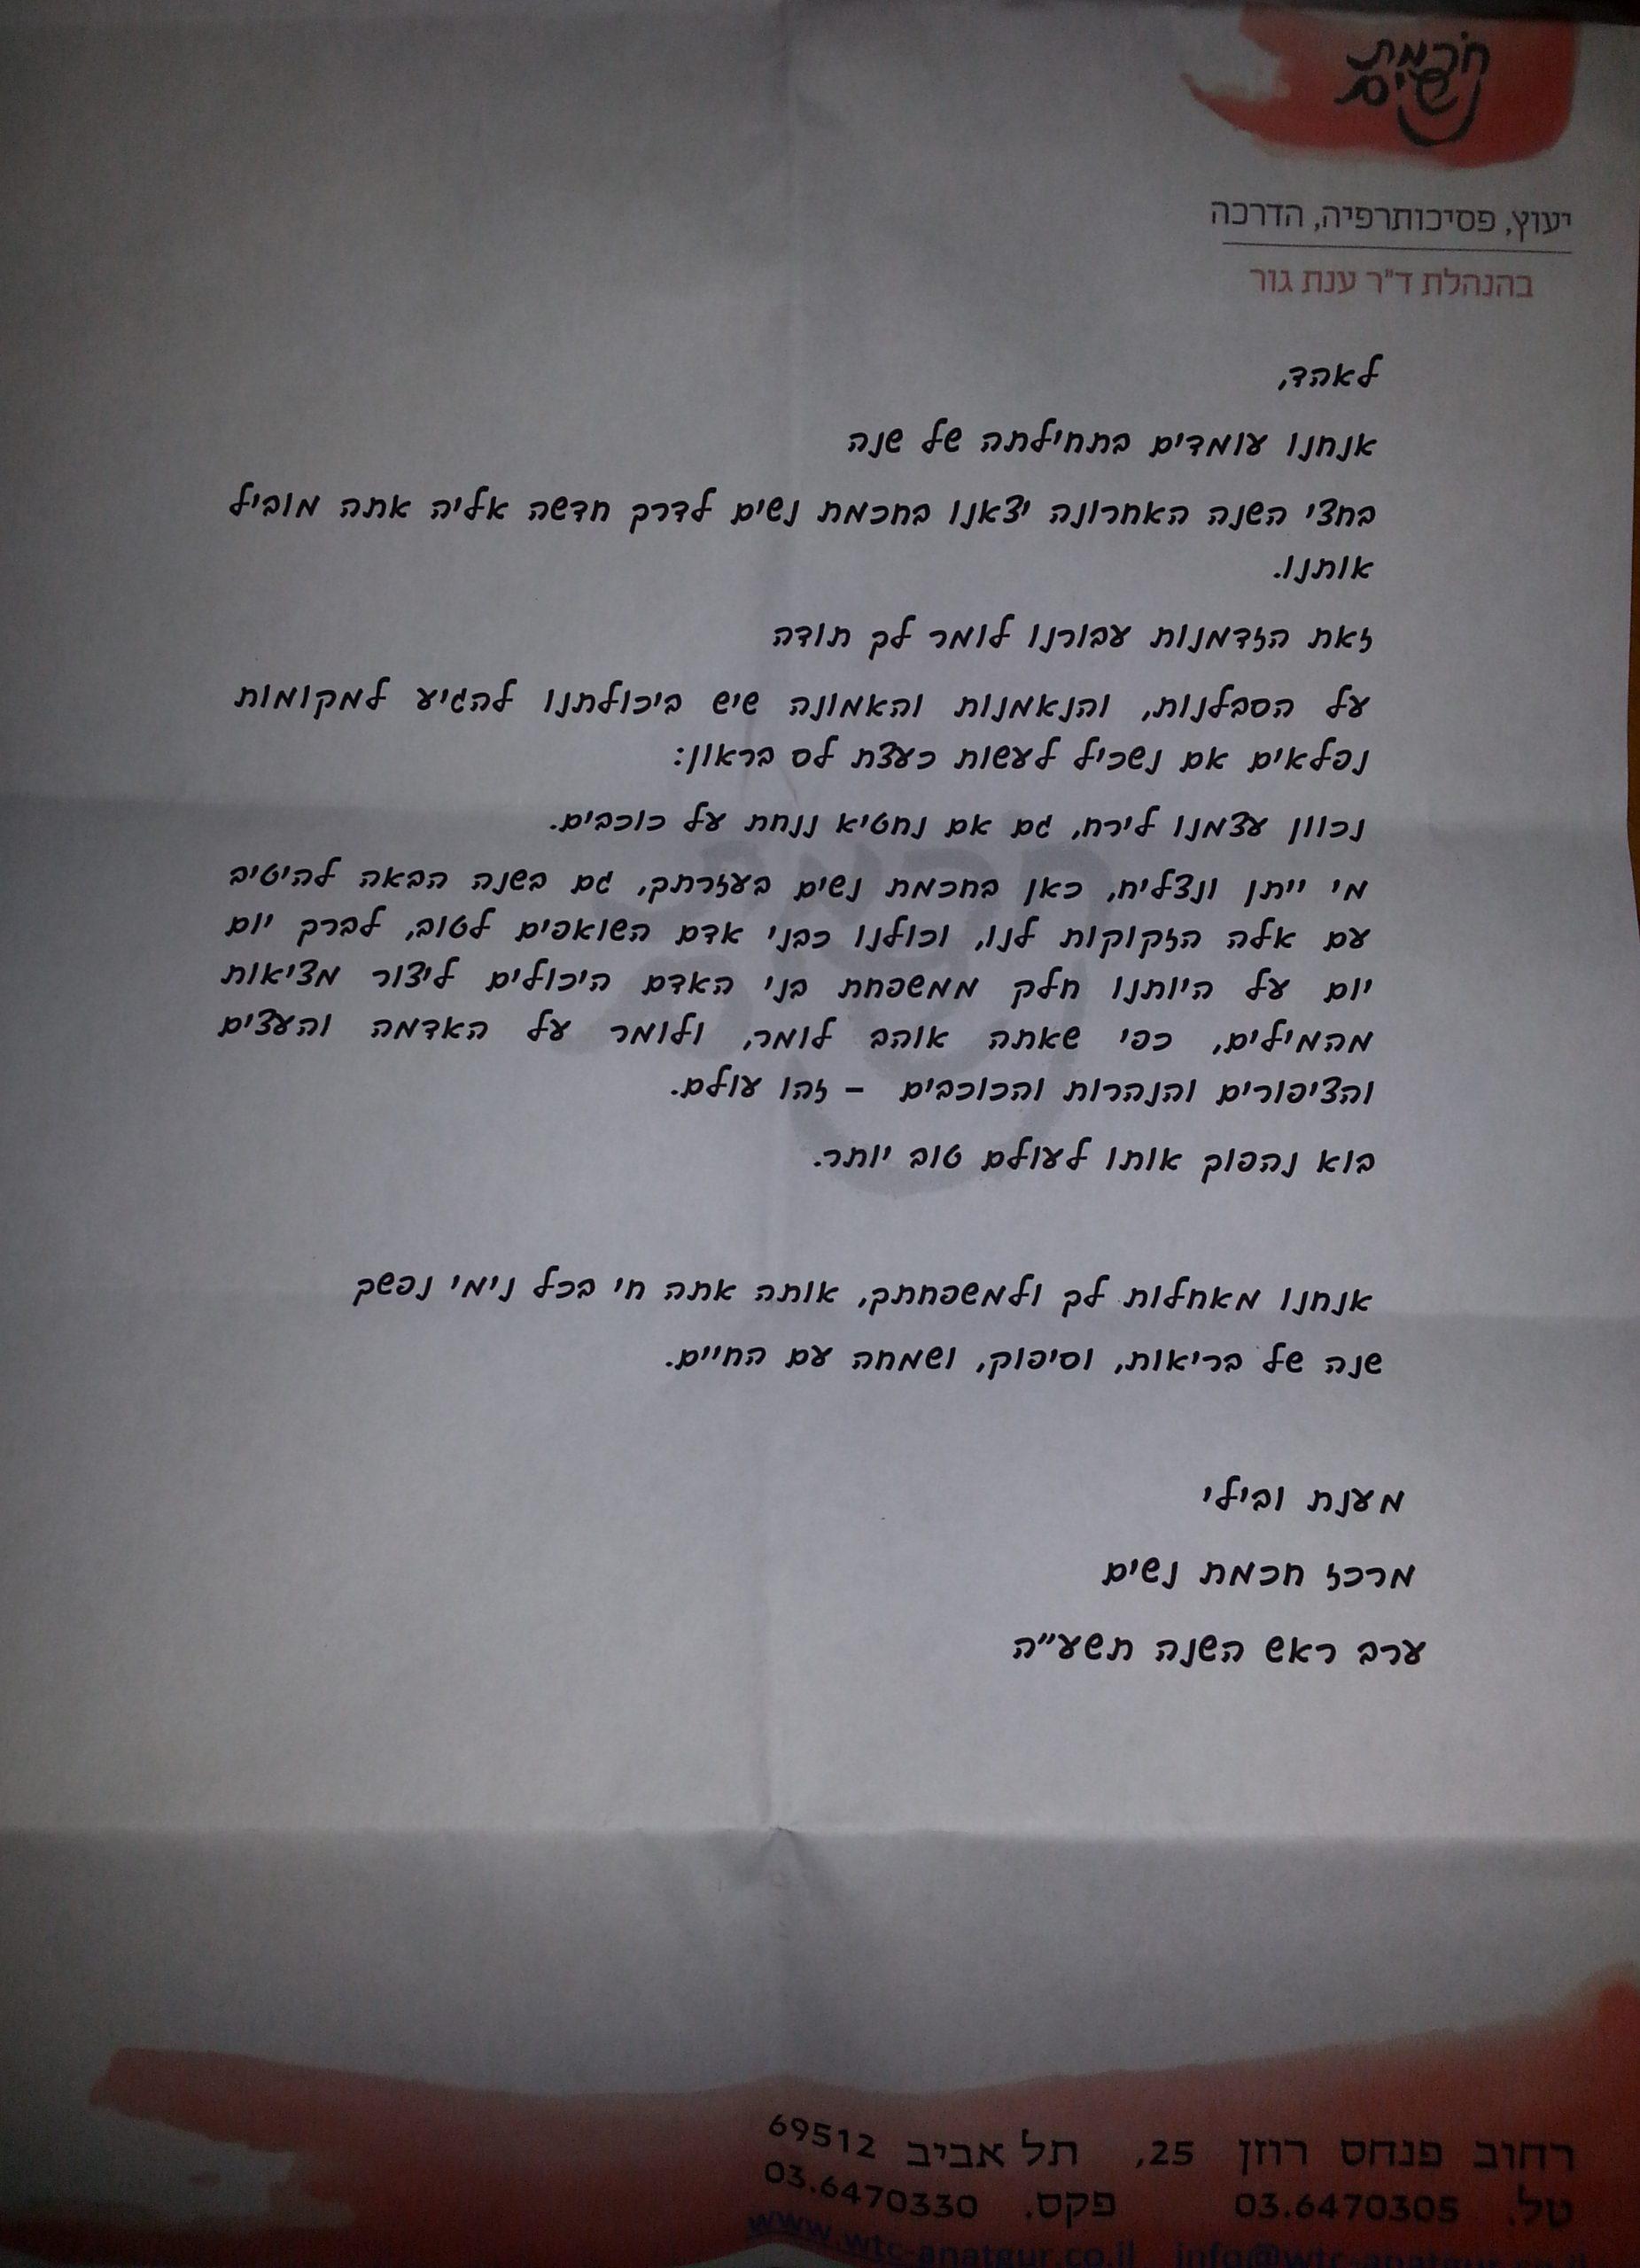 מכתב המלצה מרכז חכמת נשים